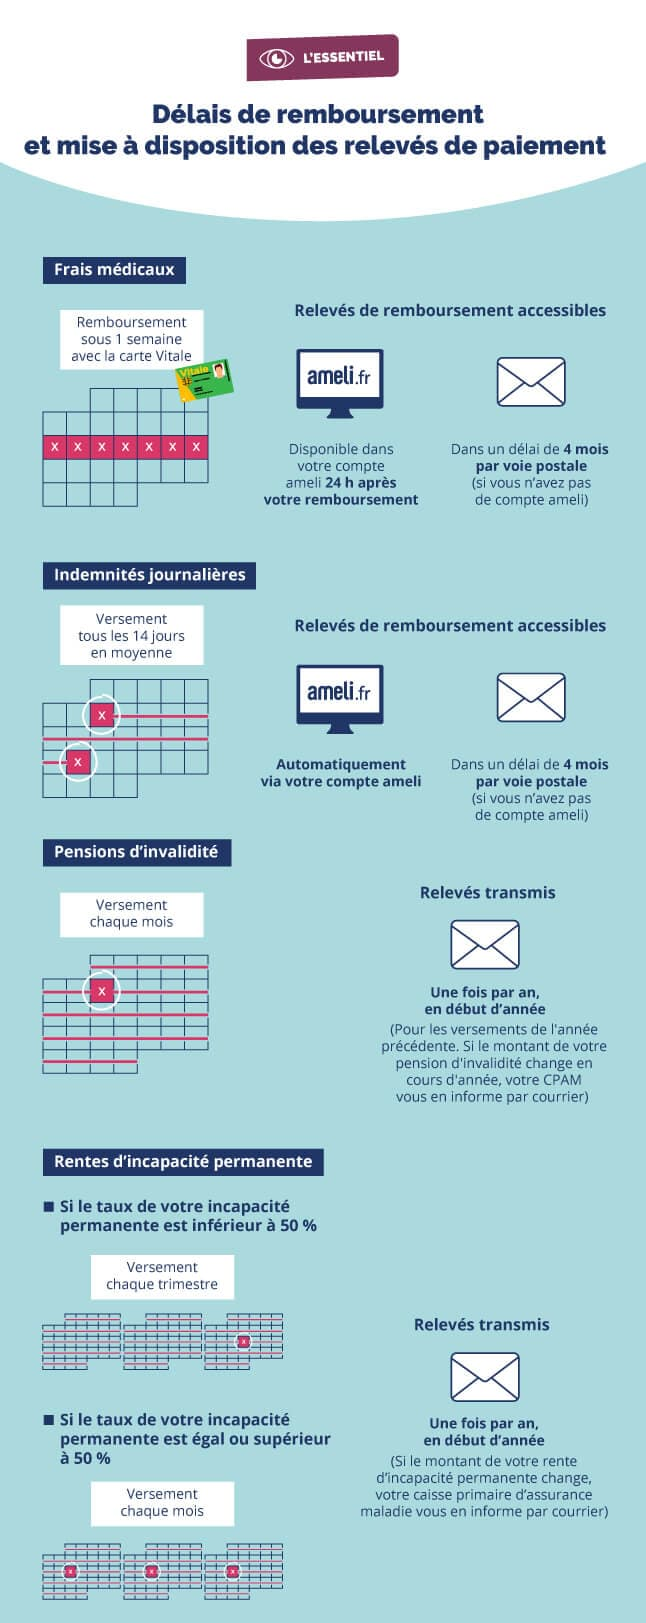 Infographie expliquant les délais de remboursement et la mise à disposition des relevés de paiement en fonction de votre situation médicale (cf. description détaillée ci-après)